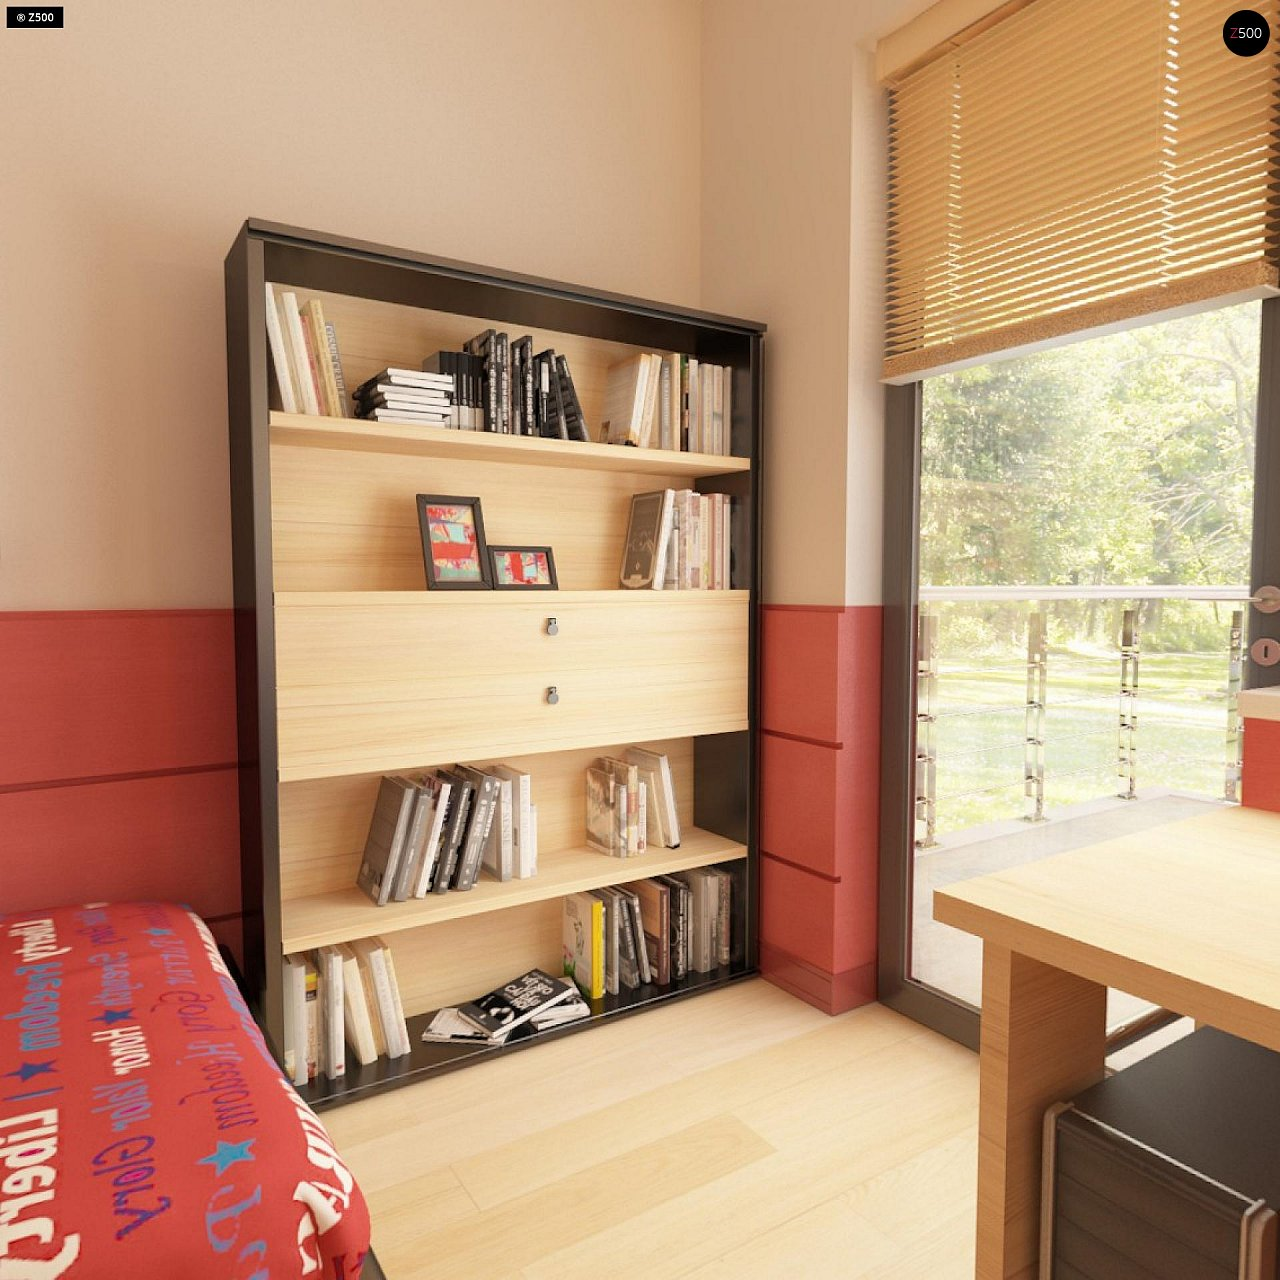 Версия двухэтажного дома Zx24 c увеличенным гаражом для двух машин 13